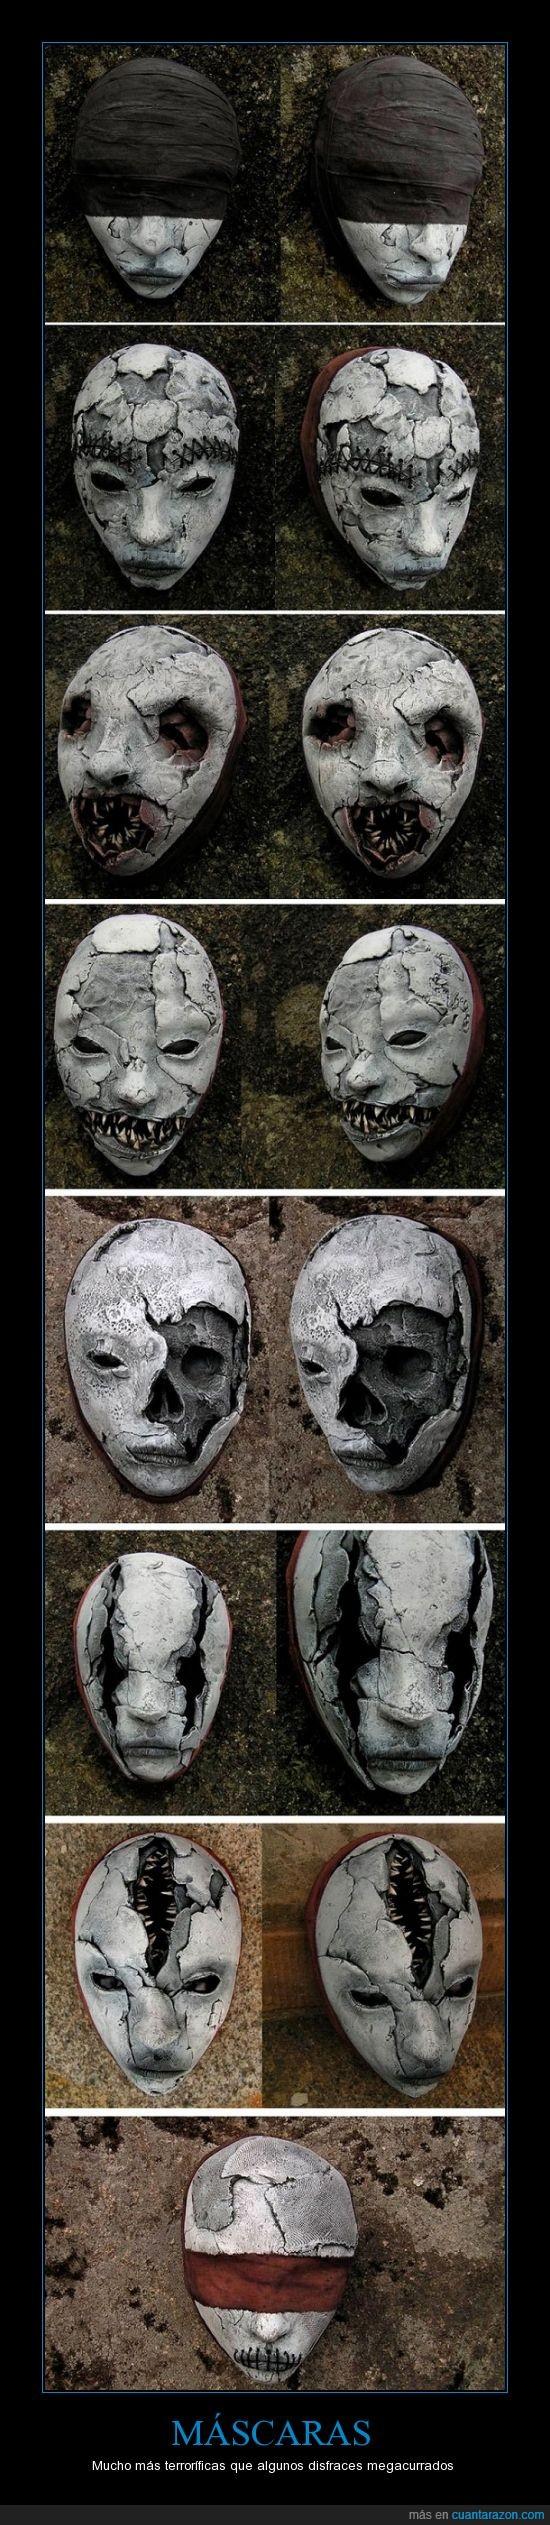 boca,Boo!,careta,coser,mascara,miedo,ojo,vieja,vudu